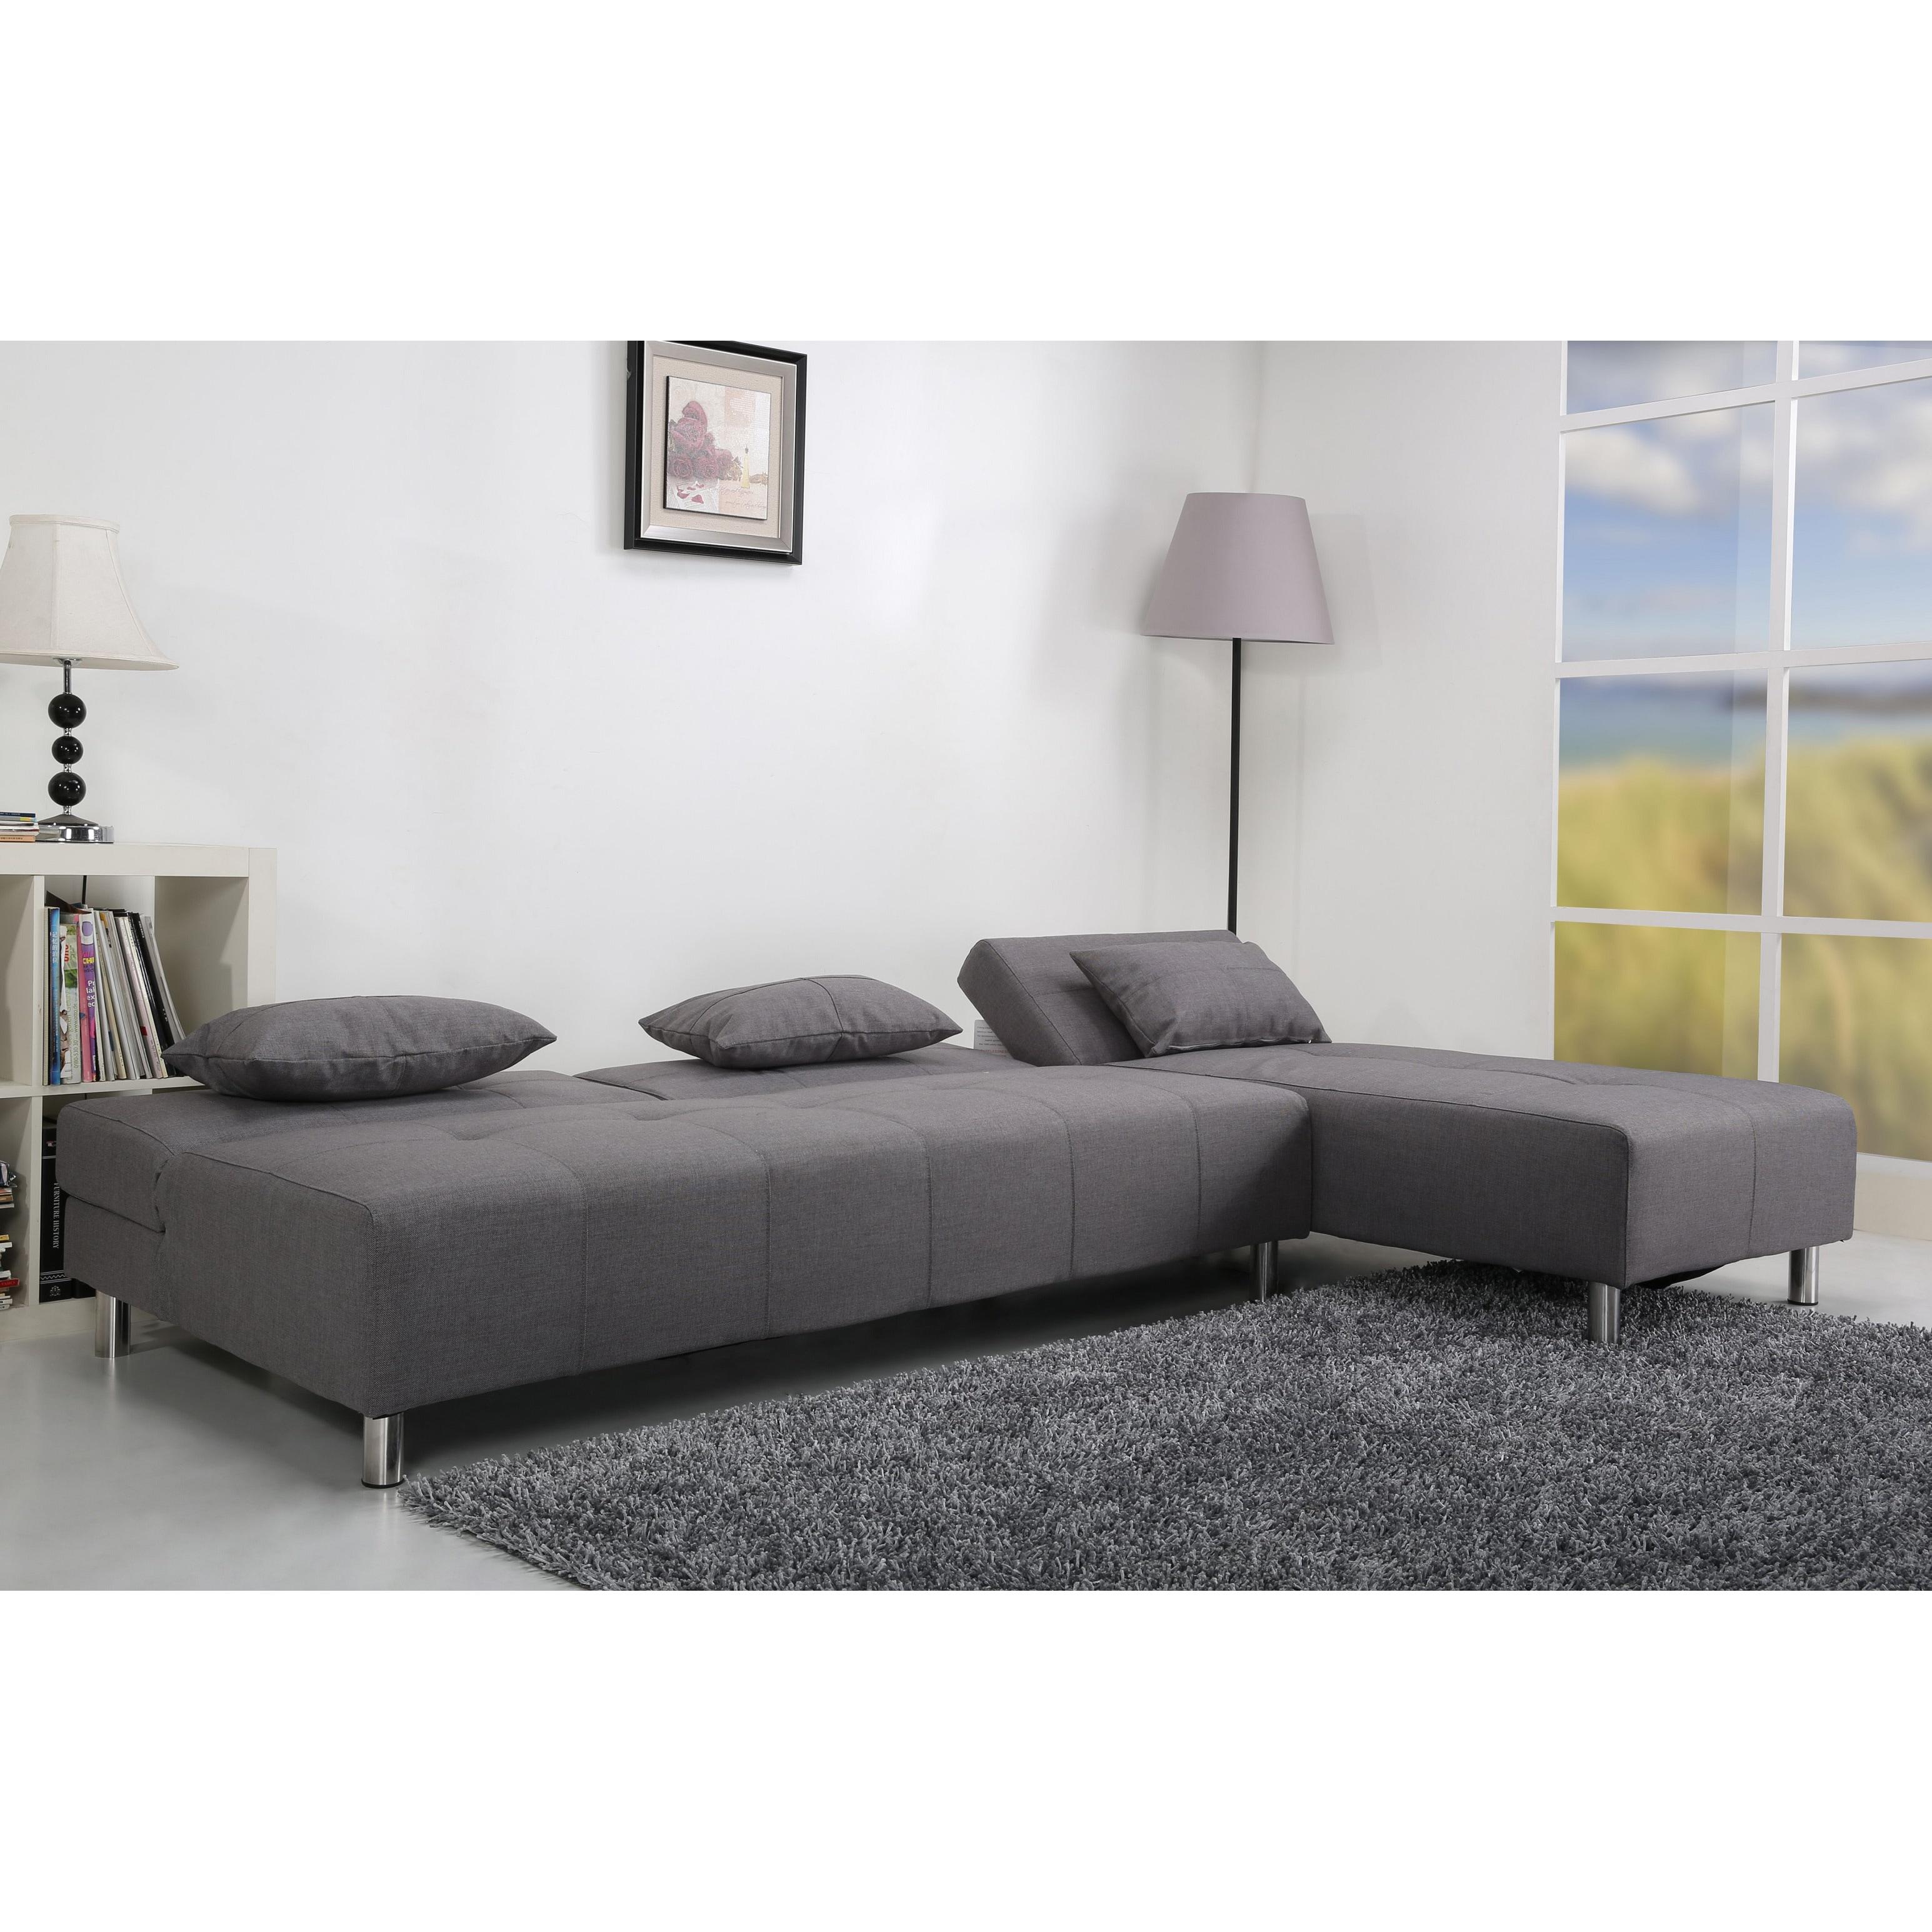 otto de sofa latest attraktive inspiration otto wohnzimmer sofa und otto new super fortable. Black Bedroom Furniture Sets. Home Design Ideas